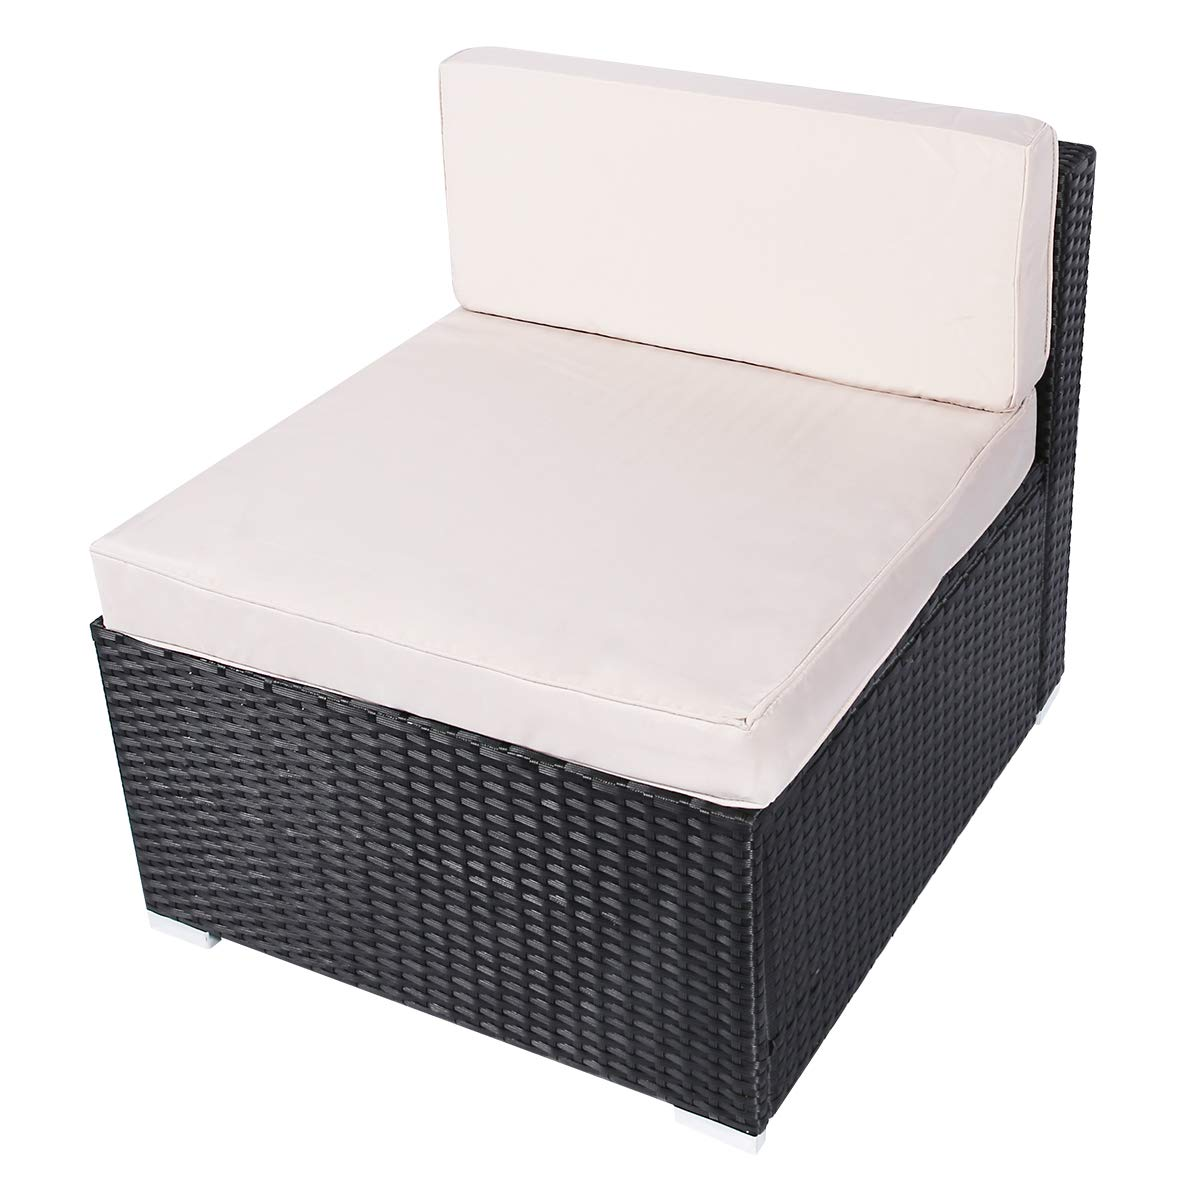 Amazon.com: Esright - Juego de muebles seccionales de mimbre ...